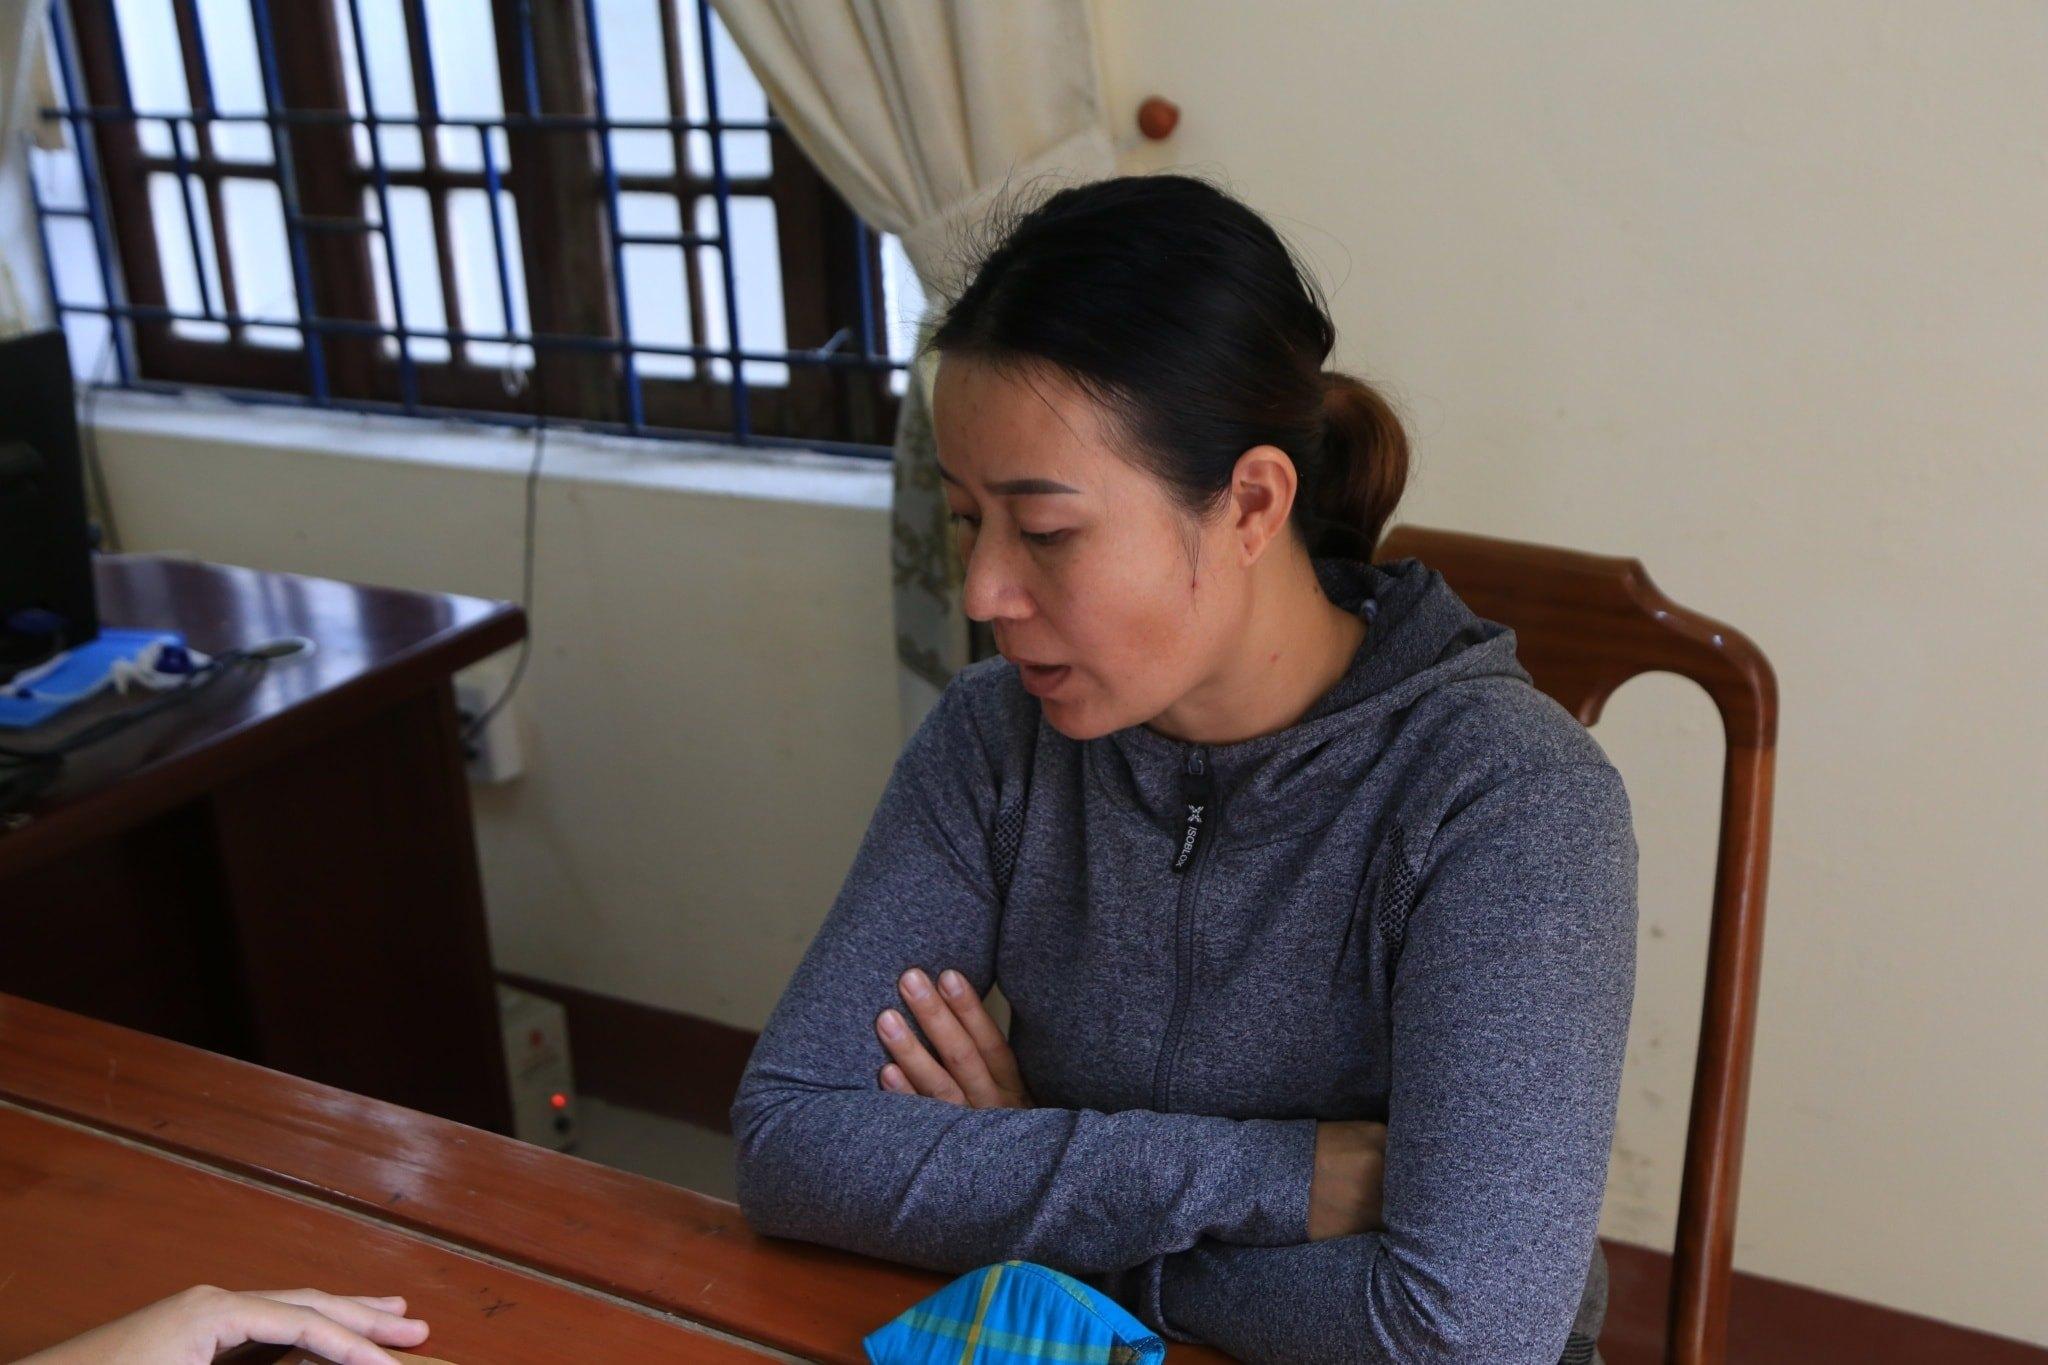 Lộ diện nhóm người đánh ghen tàn nhẫn cô gái ở Huế gây xôn xao dư luận những ngày qua 1